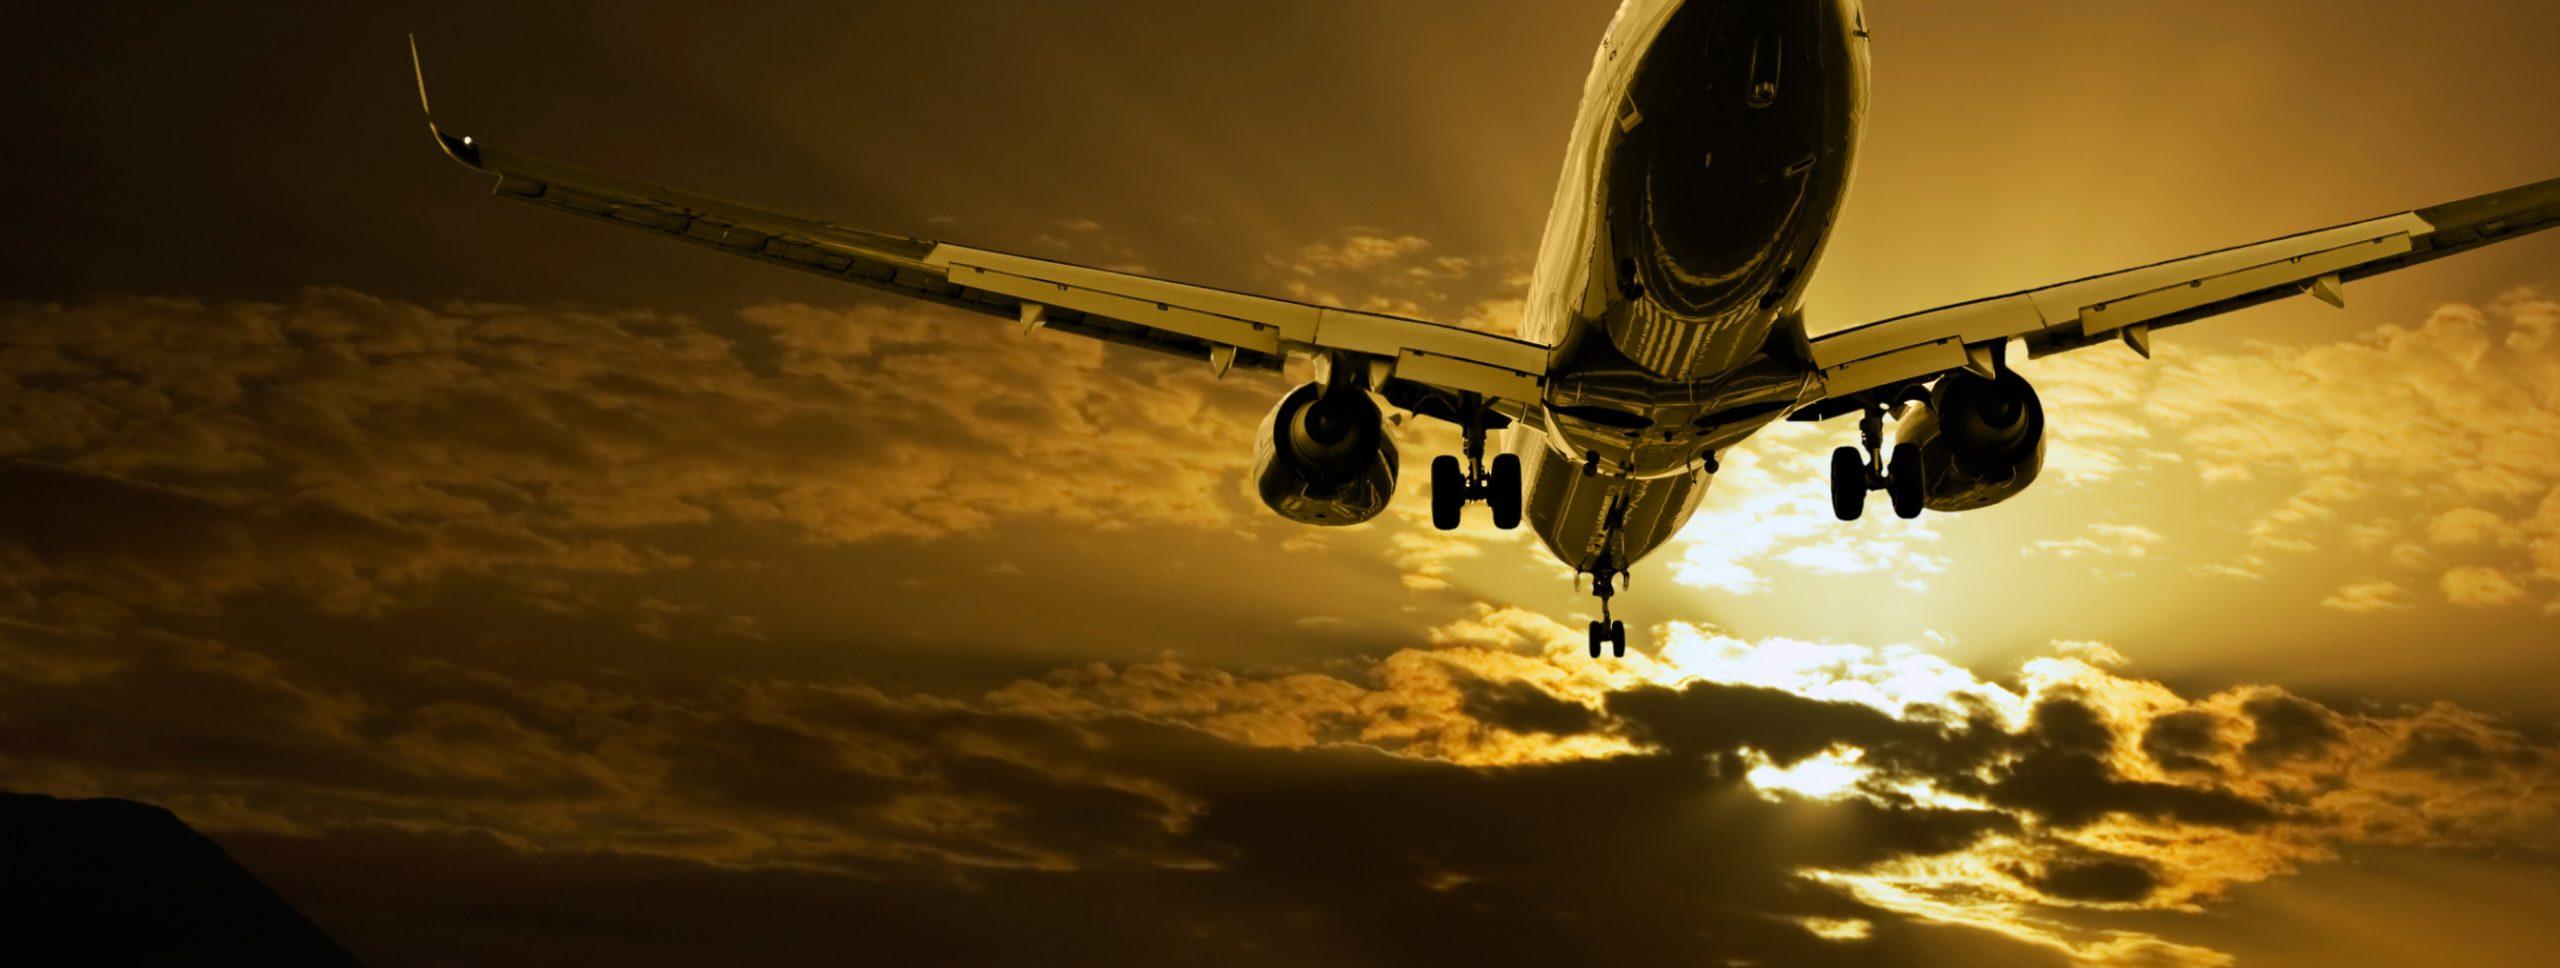 Аэропорт Новый Уренгой (NUX), купить авиабилеты или заказать самолет